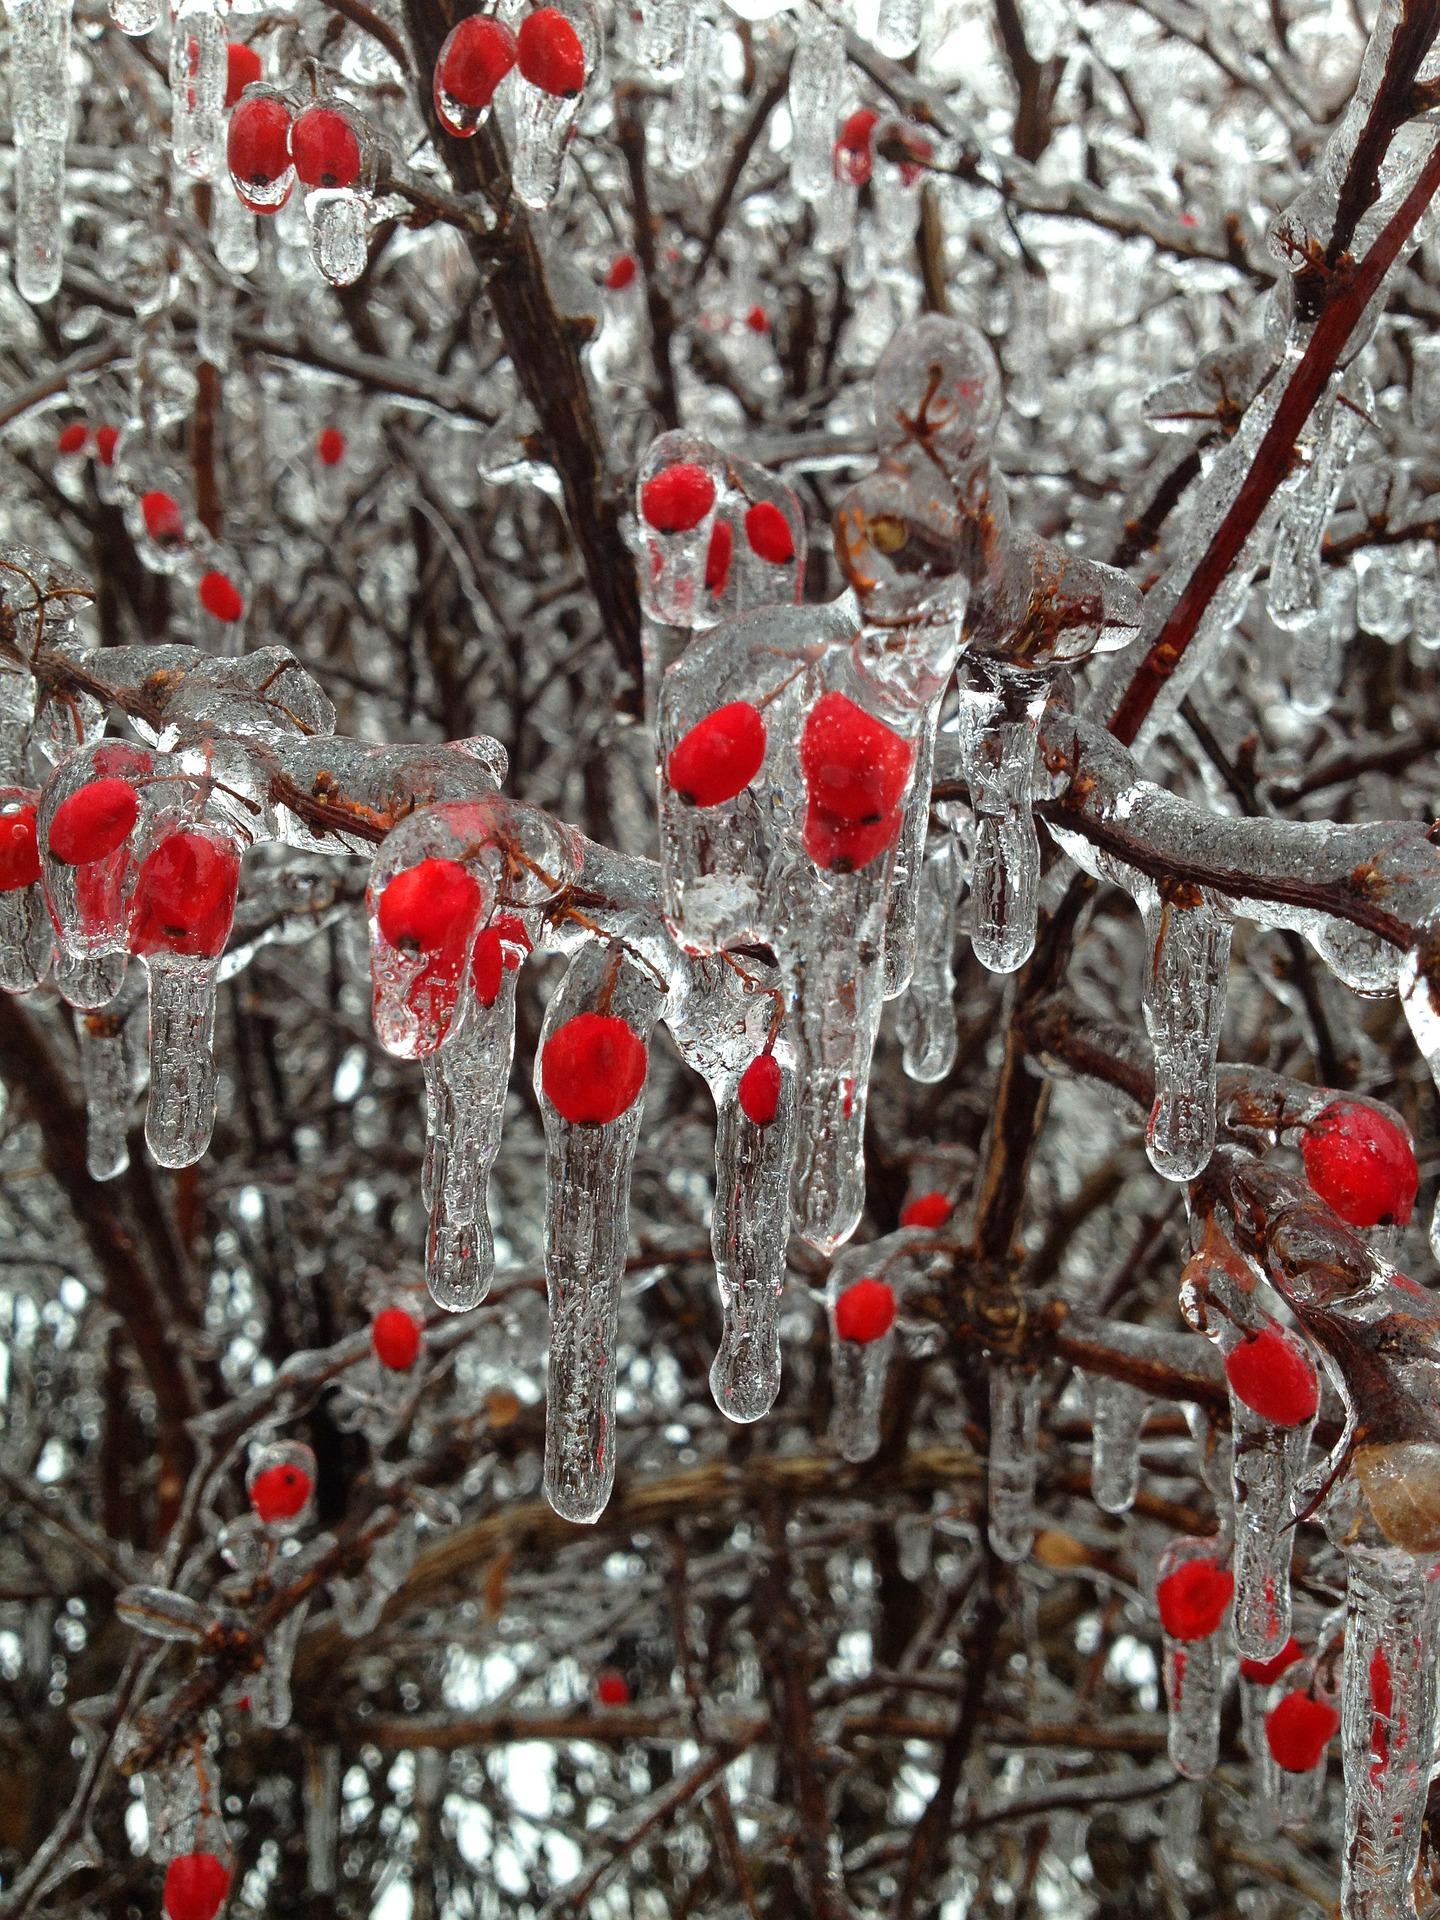 berries-302341_1920.jpg